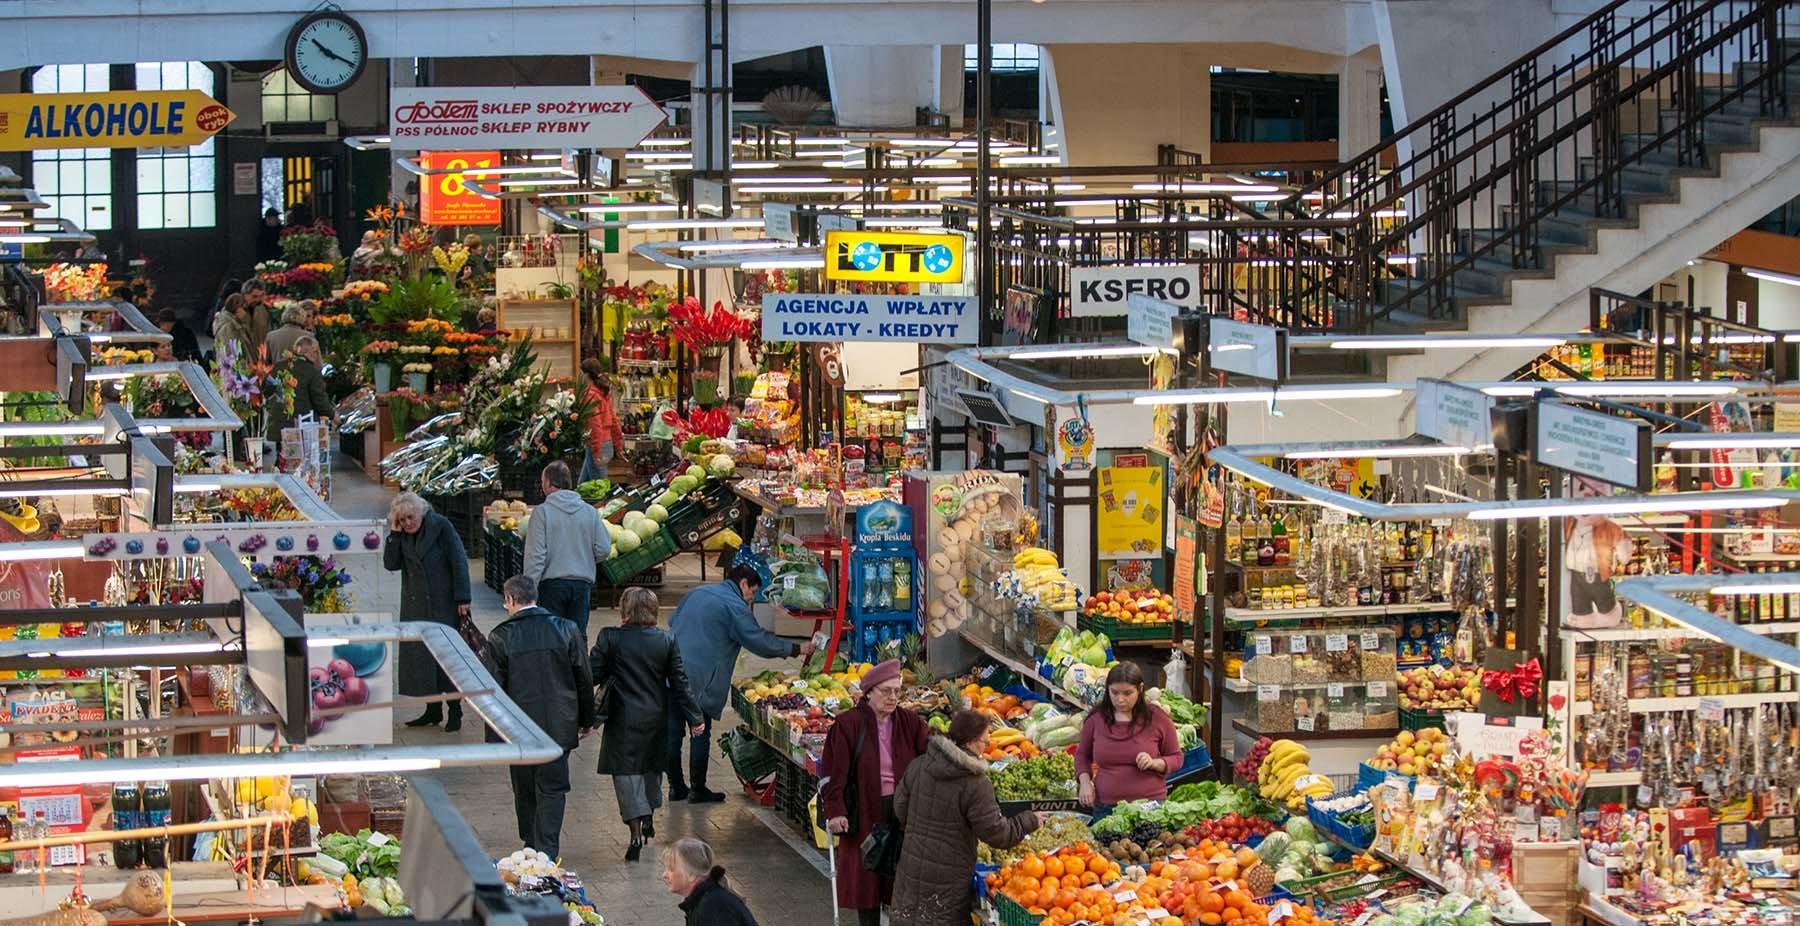 Stoiska z warzywami na hali targowej we Wrocławiu